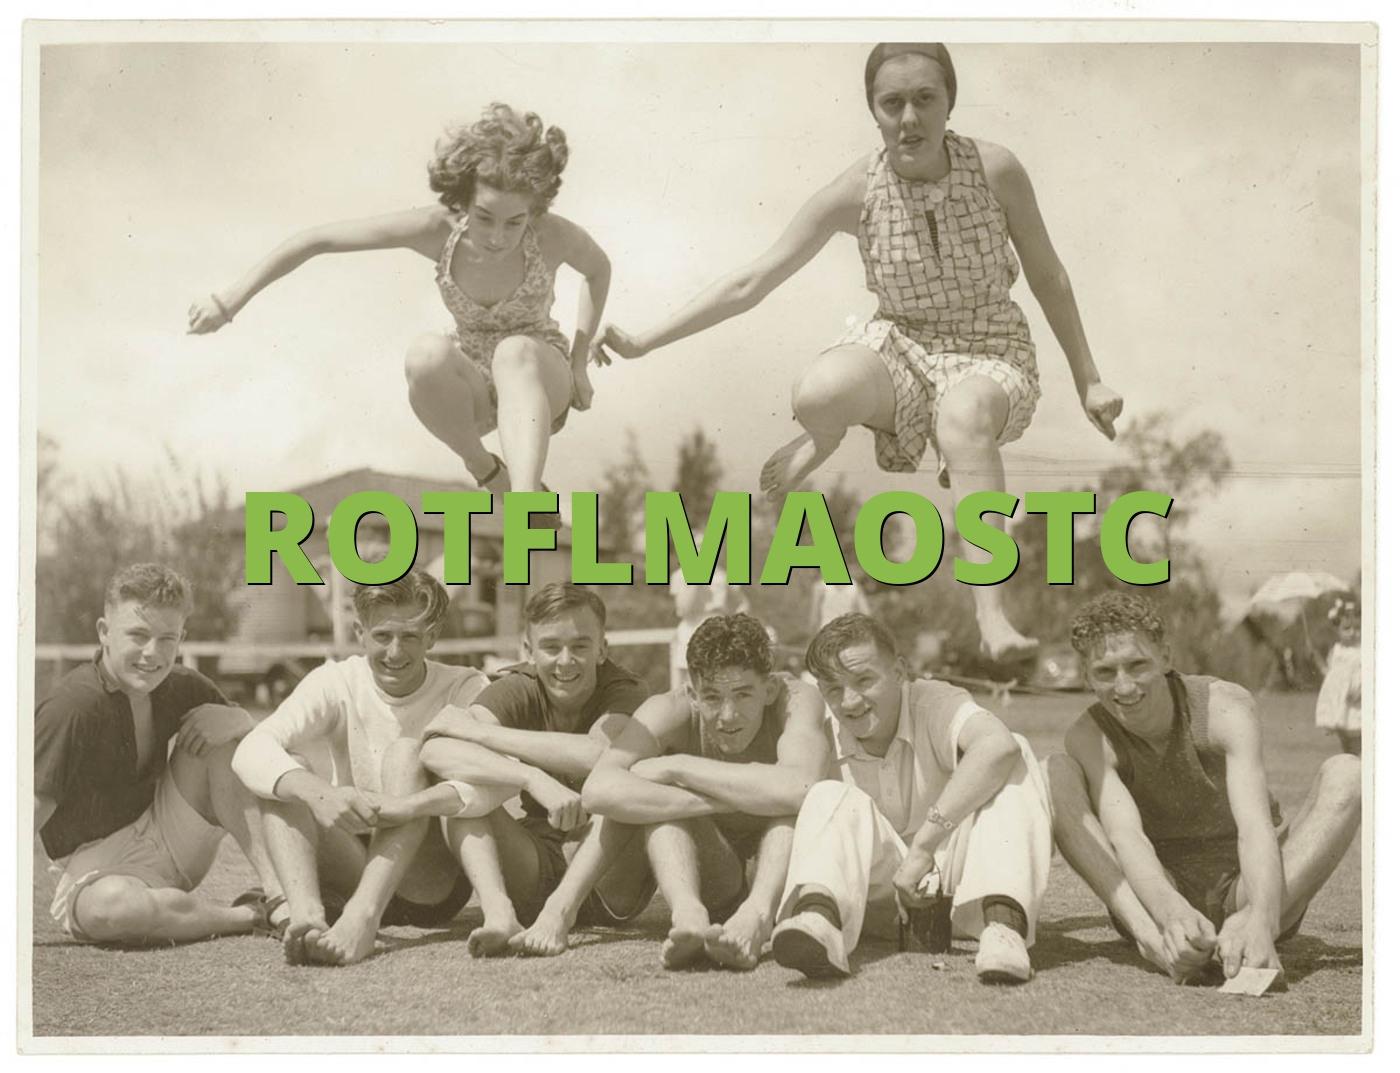 ROTFLMAOSTC